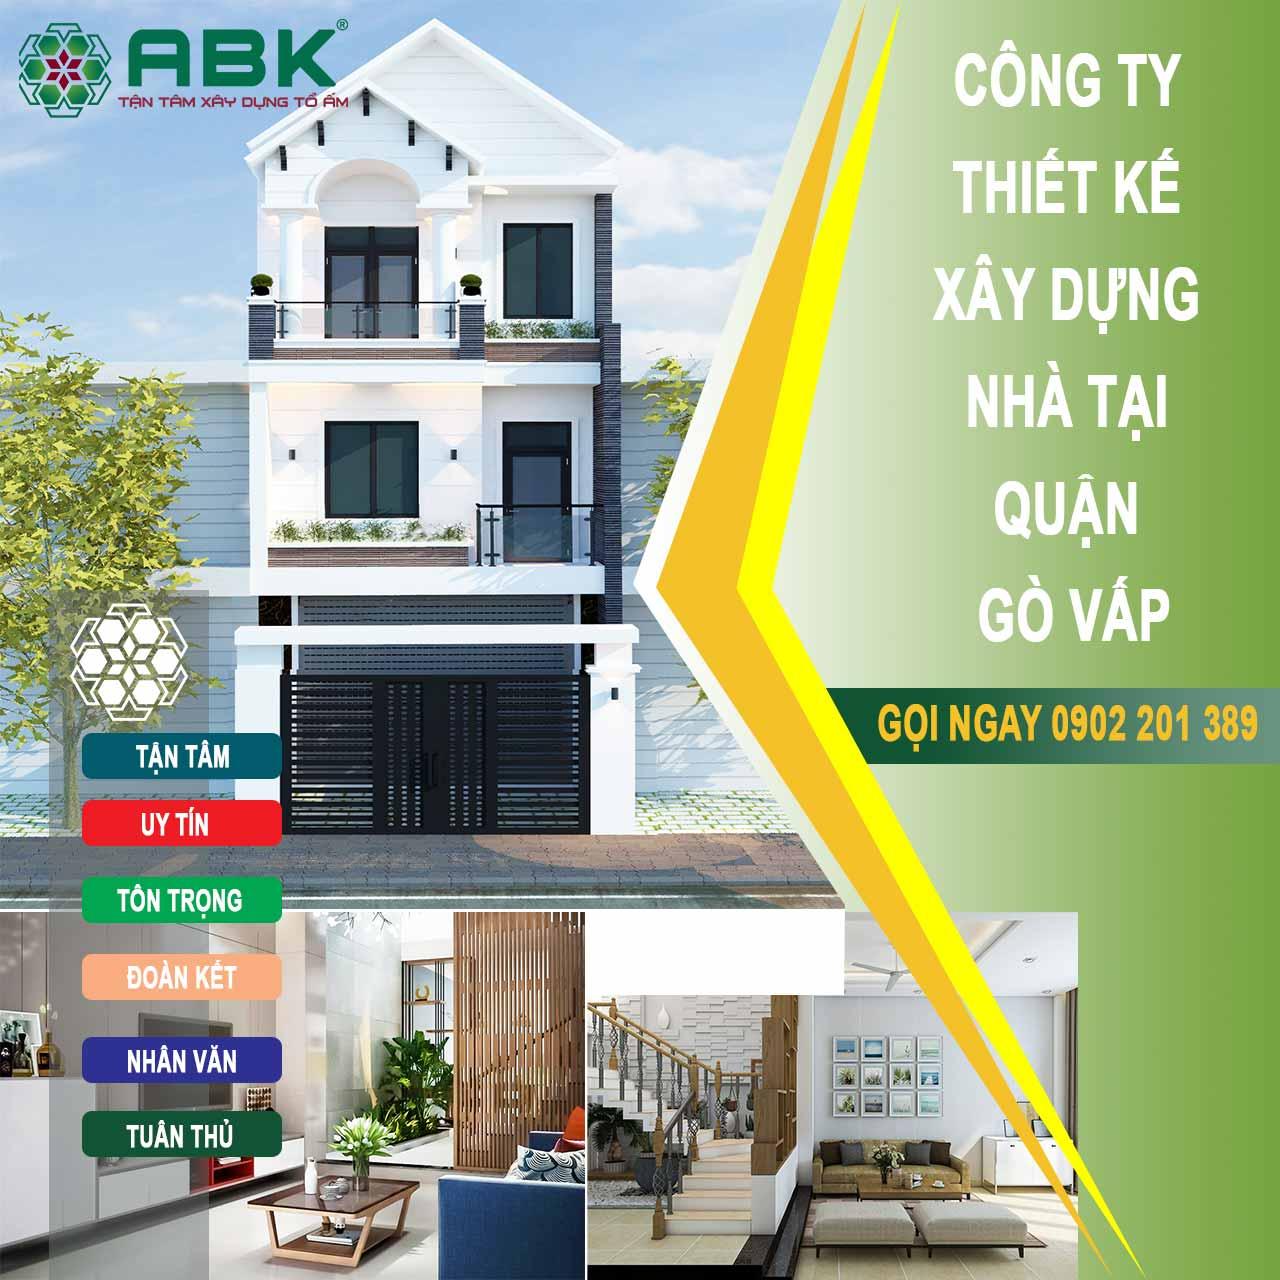 Công ty thiết kế xây dựng nhà quận Gò Vấp